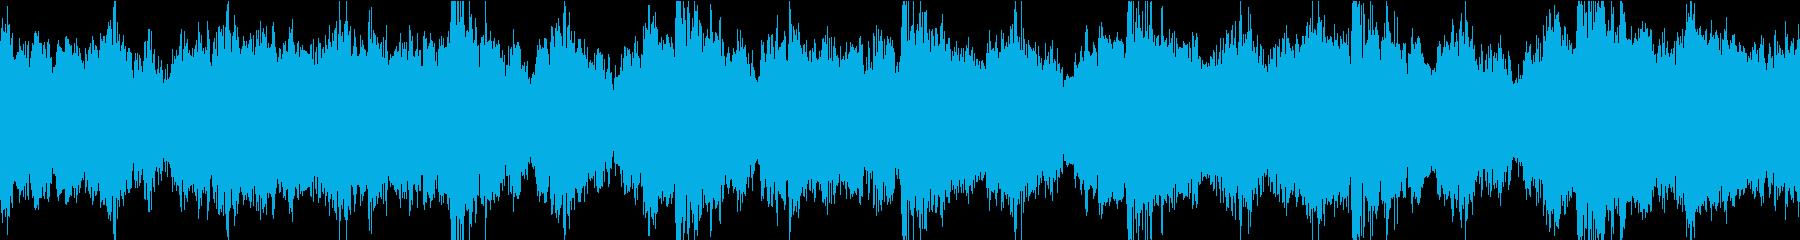 緊迫 緊急 オーケストラ ループの再生済みの波形